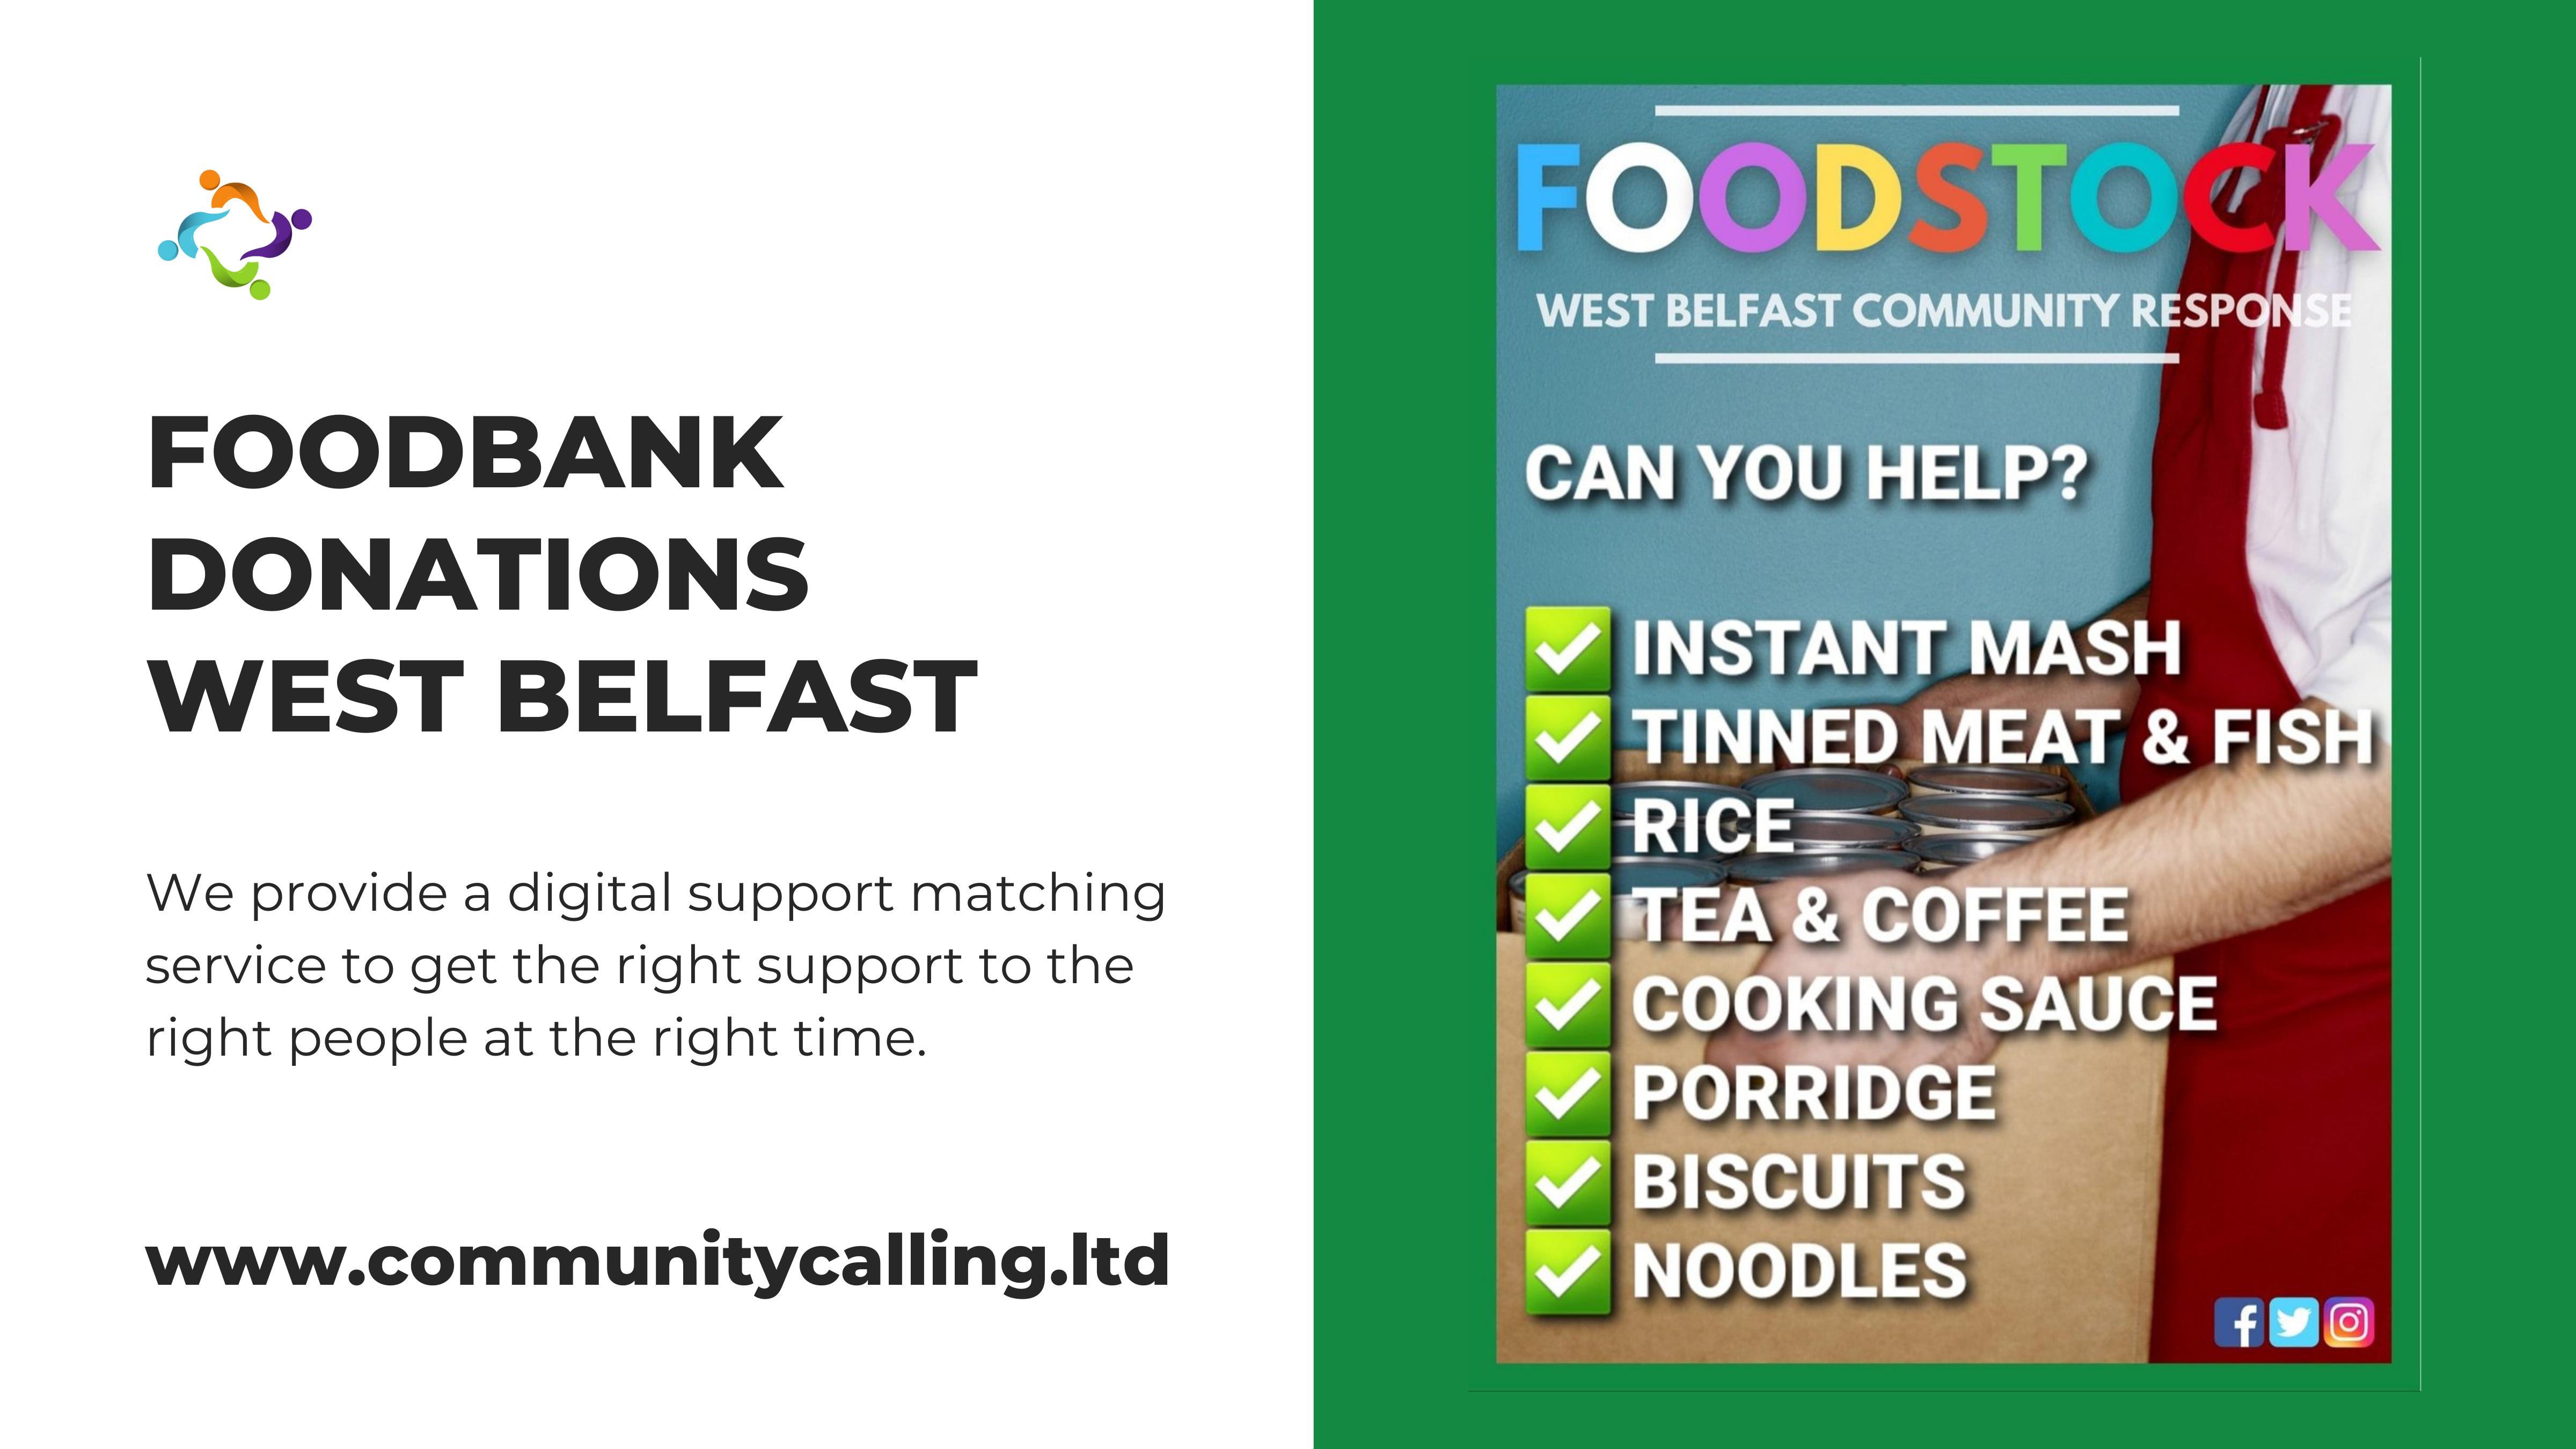 FOODSTOCK FOODBANK DONATIONS WEST BELFAST